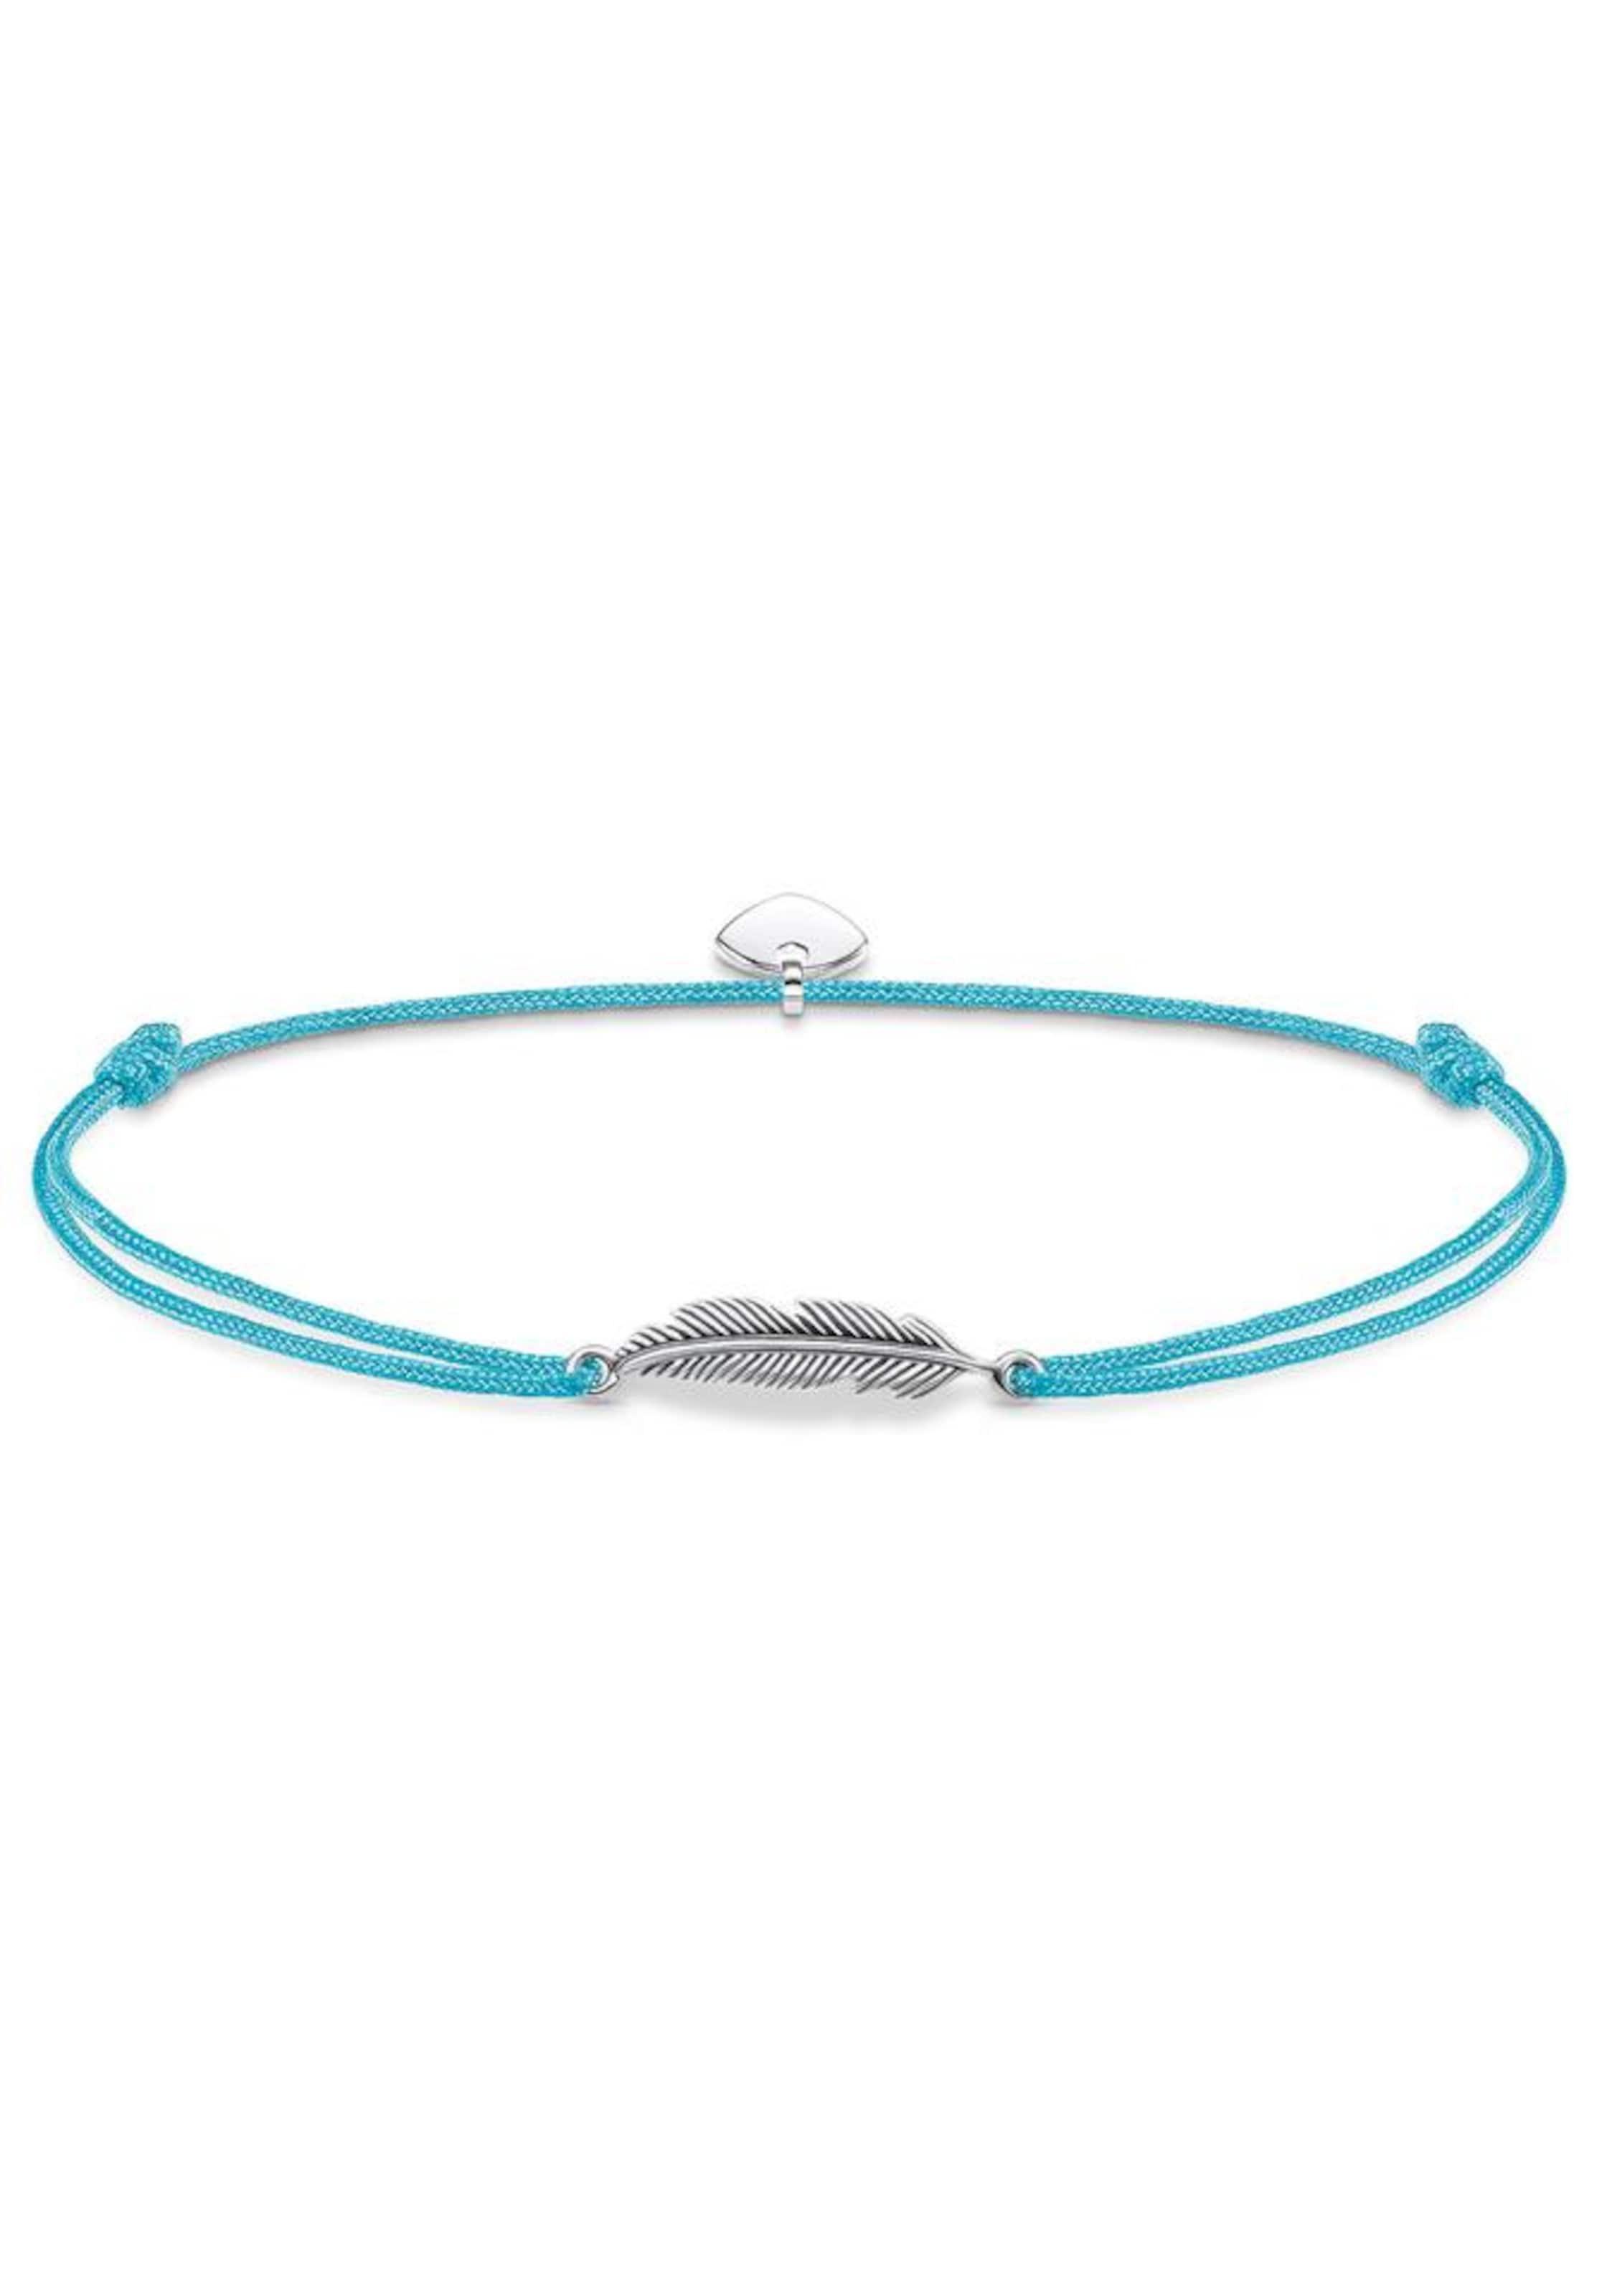 Billige Angebote Mode Online Thomas Sabo Armband 'Feder Little Secret' GVASJ4oj